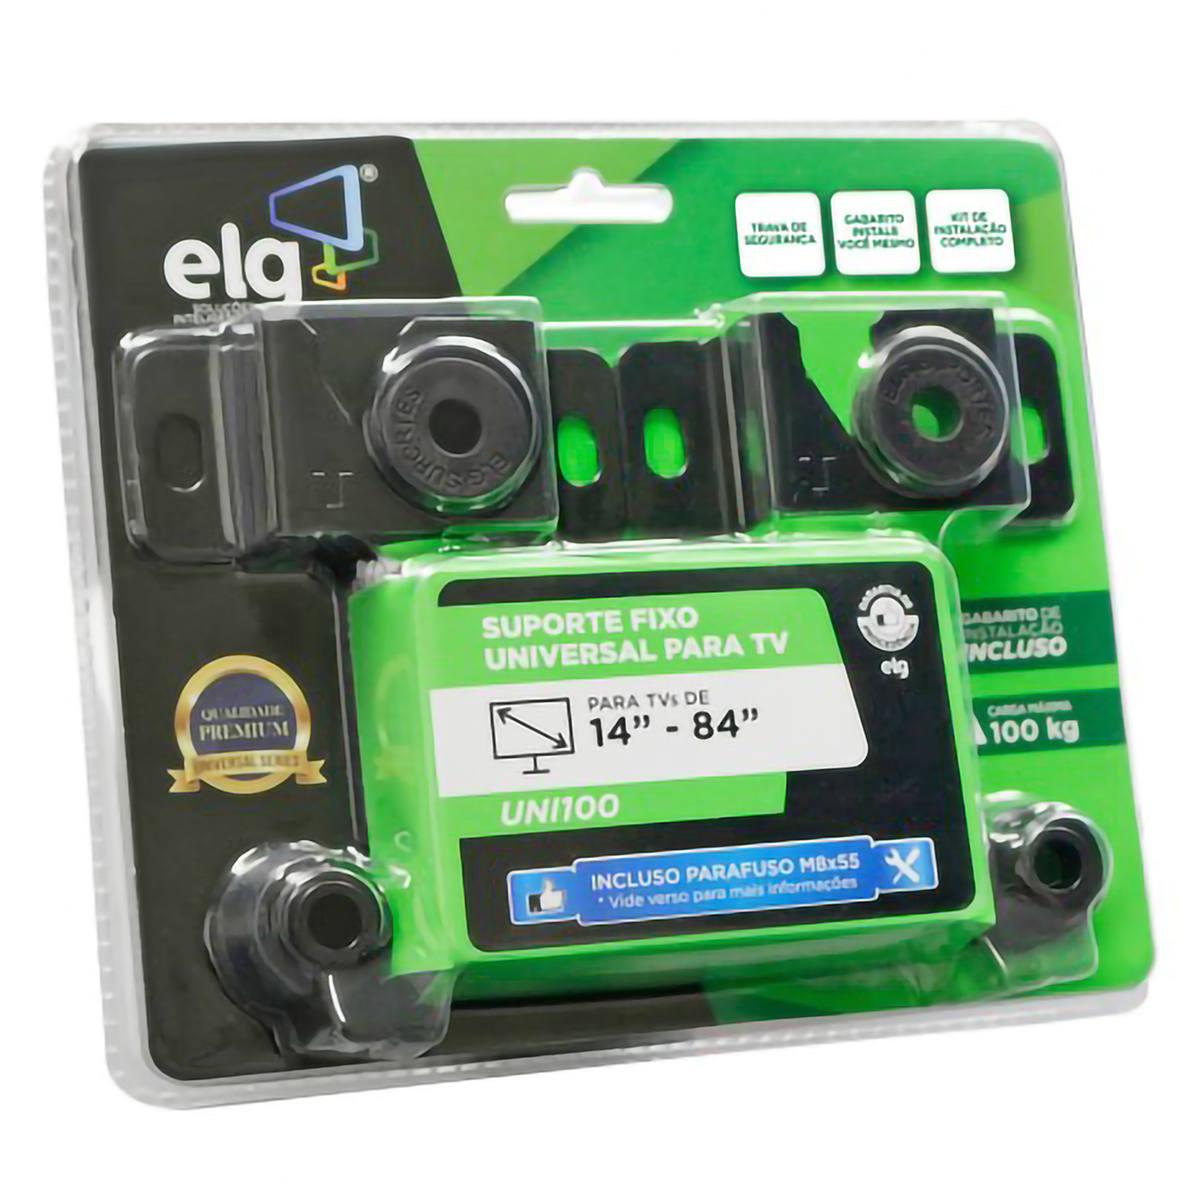 """Suporte Fixo de Parede para TVs LED Plasma LCD 3D Universal de 14"""" a 84"""" até 100kg em Aço Carbono ELG UNI100"""